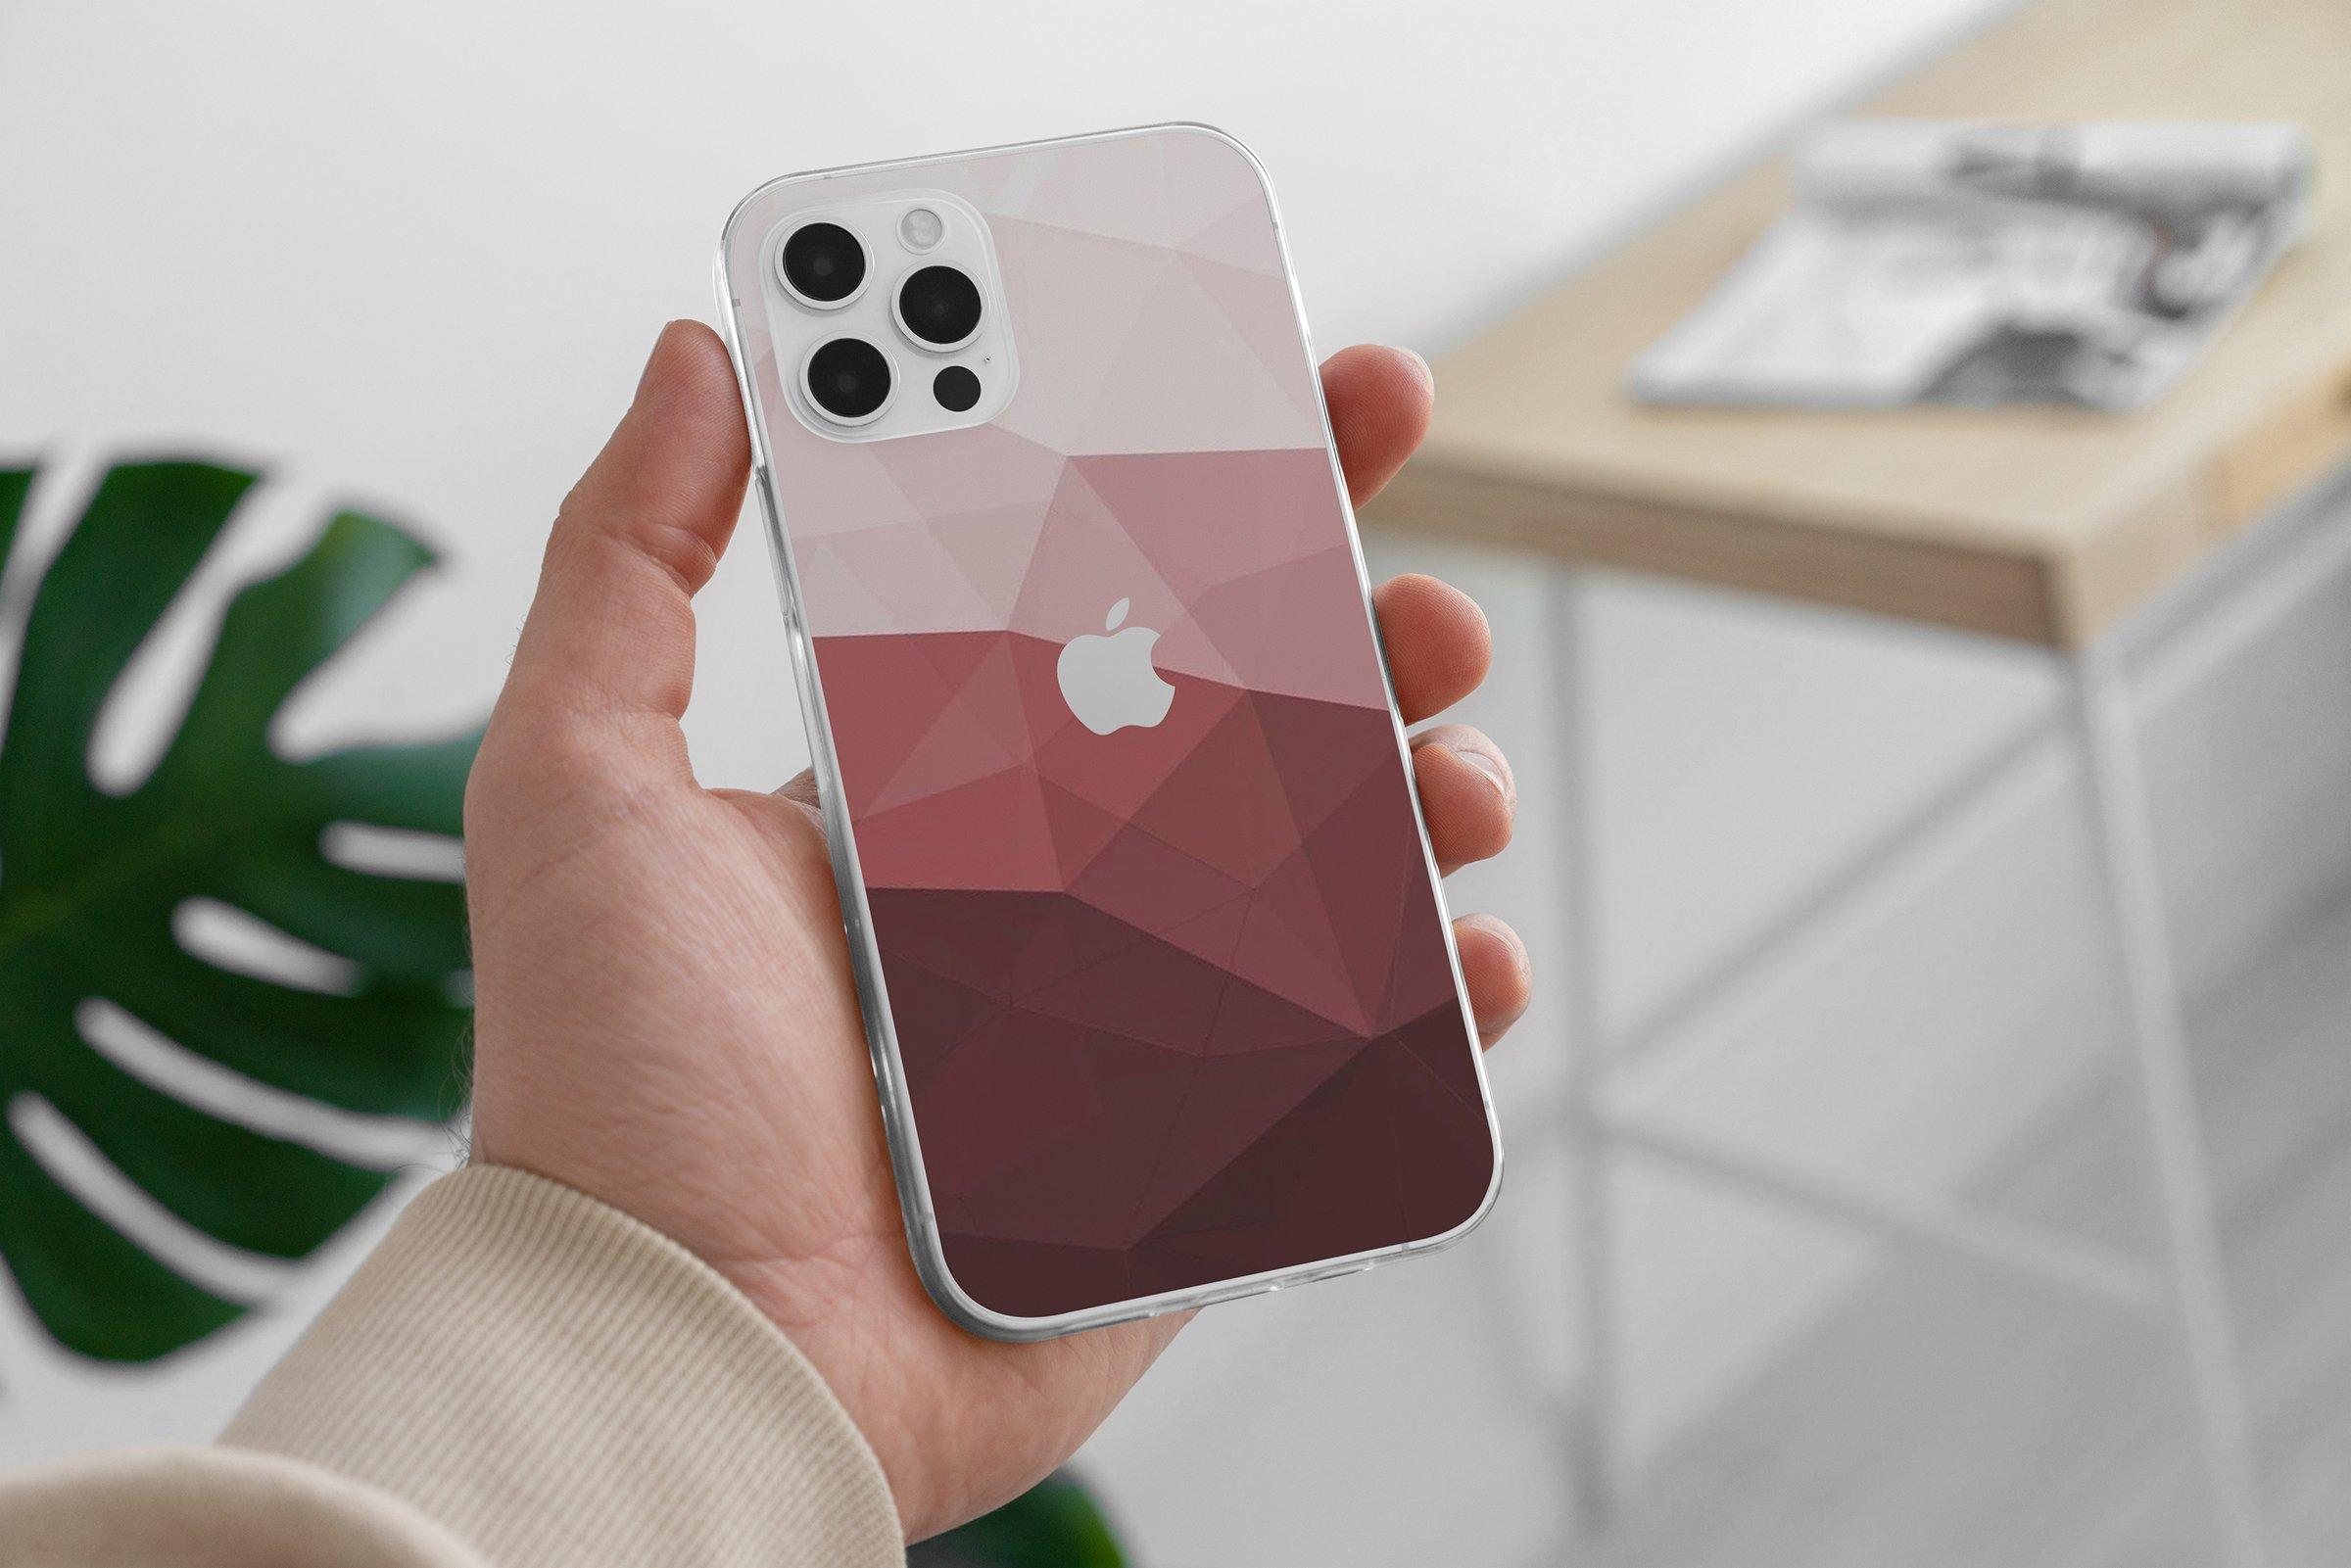 15款时尚苹果iPhone 12手机保护壳设计PS智能贴图样机模板 iPhone 12 Clear Case MockUp Vol.2插图2